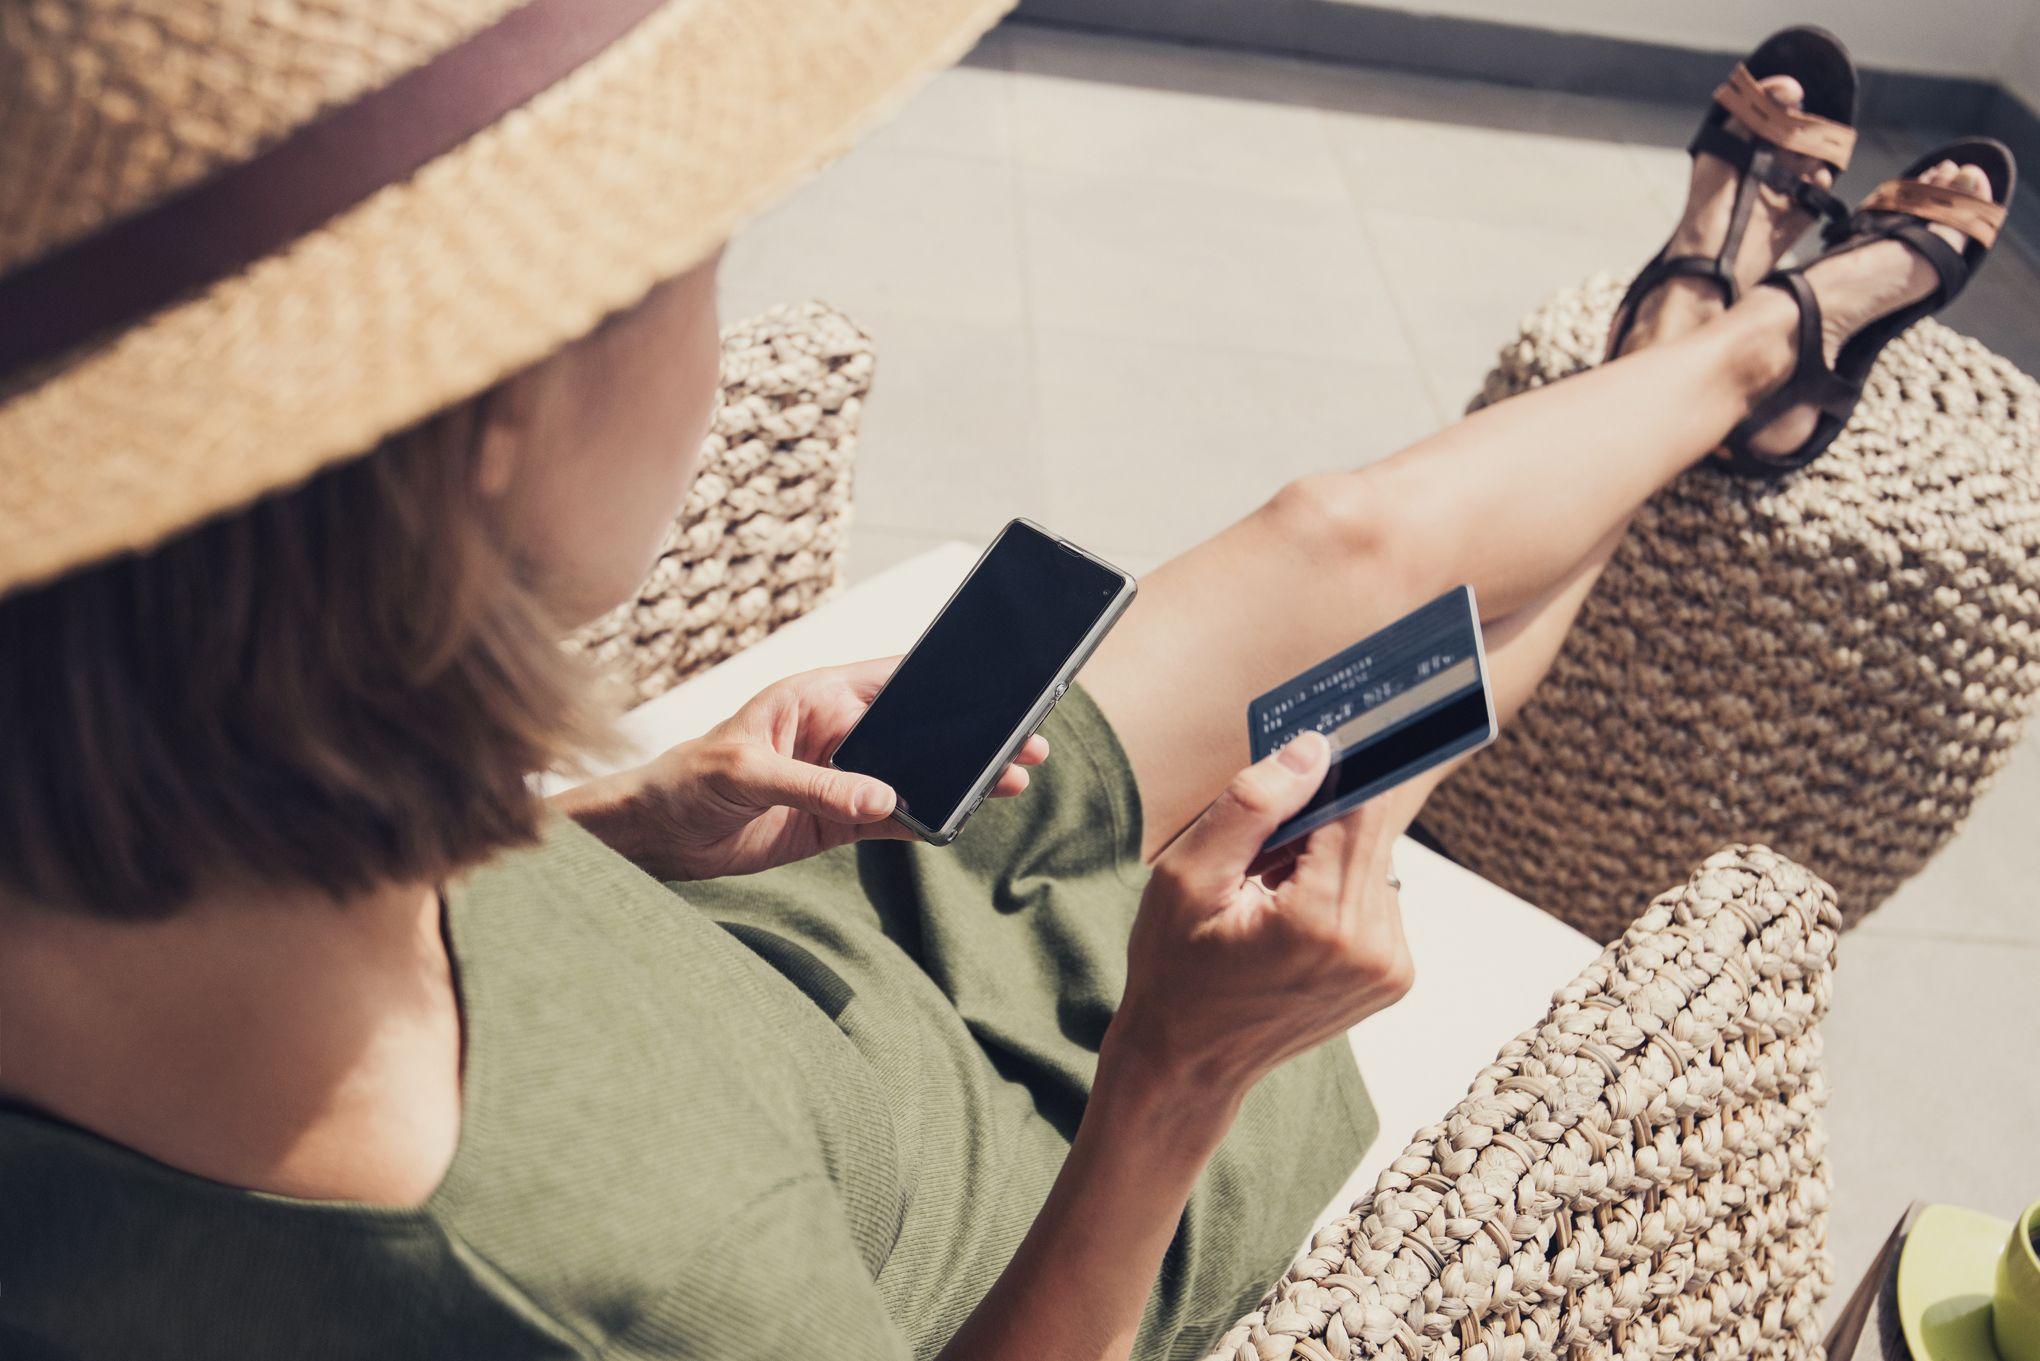 Votre carte bancaire vous assure et vous assiste